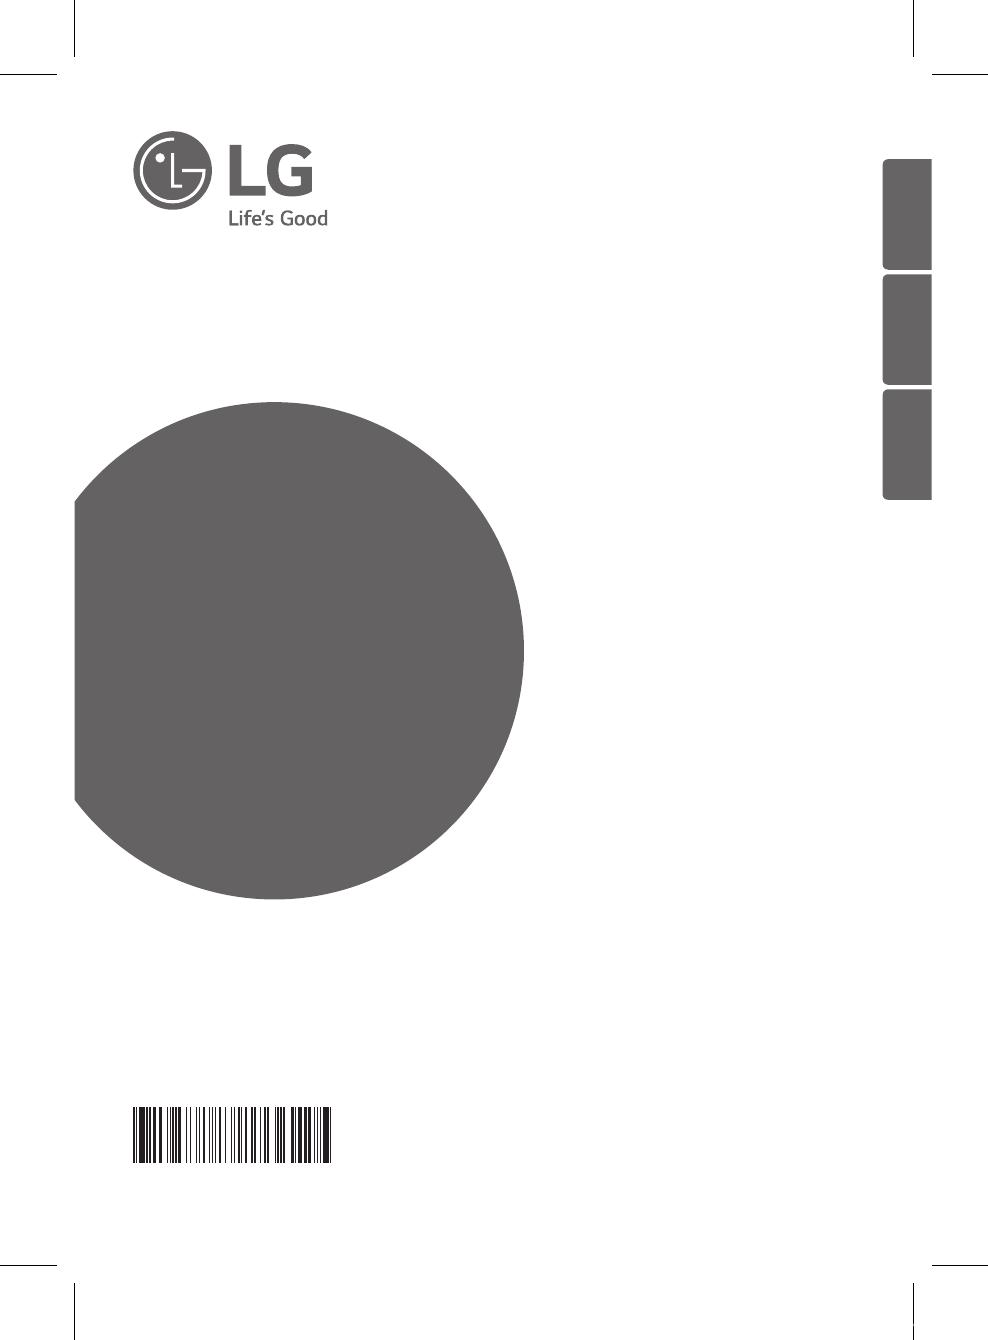 Owner's Bleed S3RFBN Manual MFL66101237 User LG uTFJlKc31